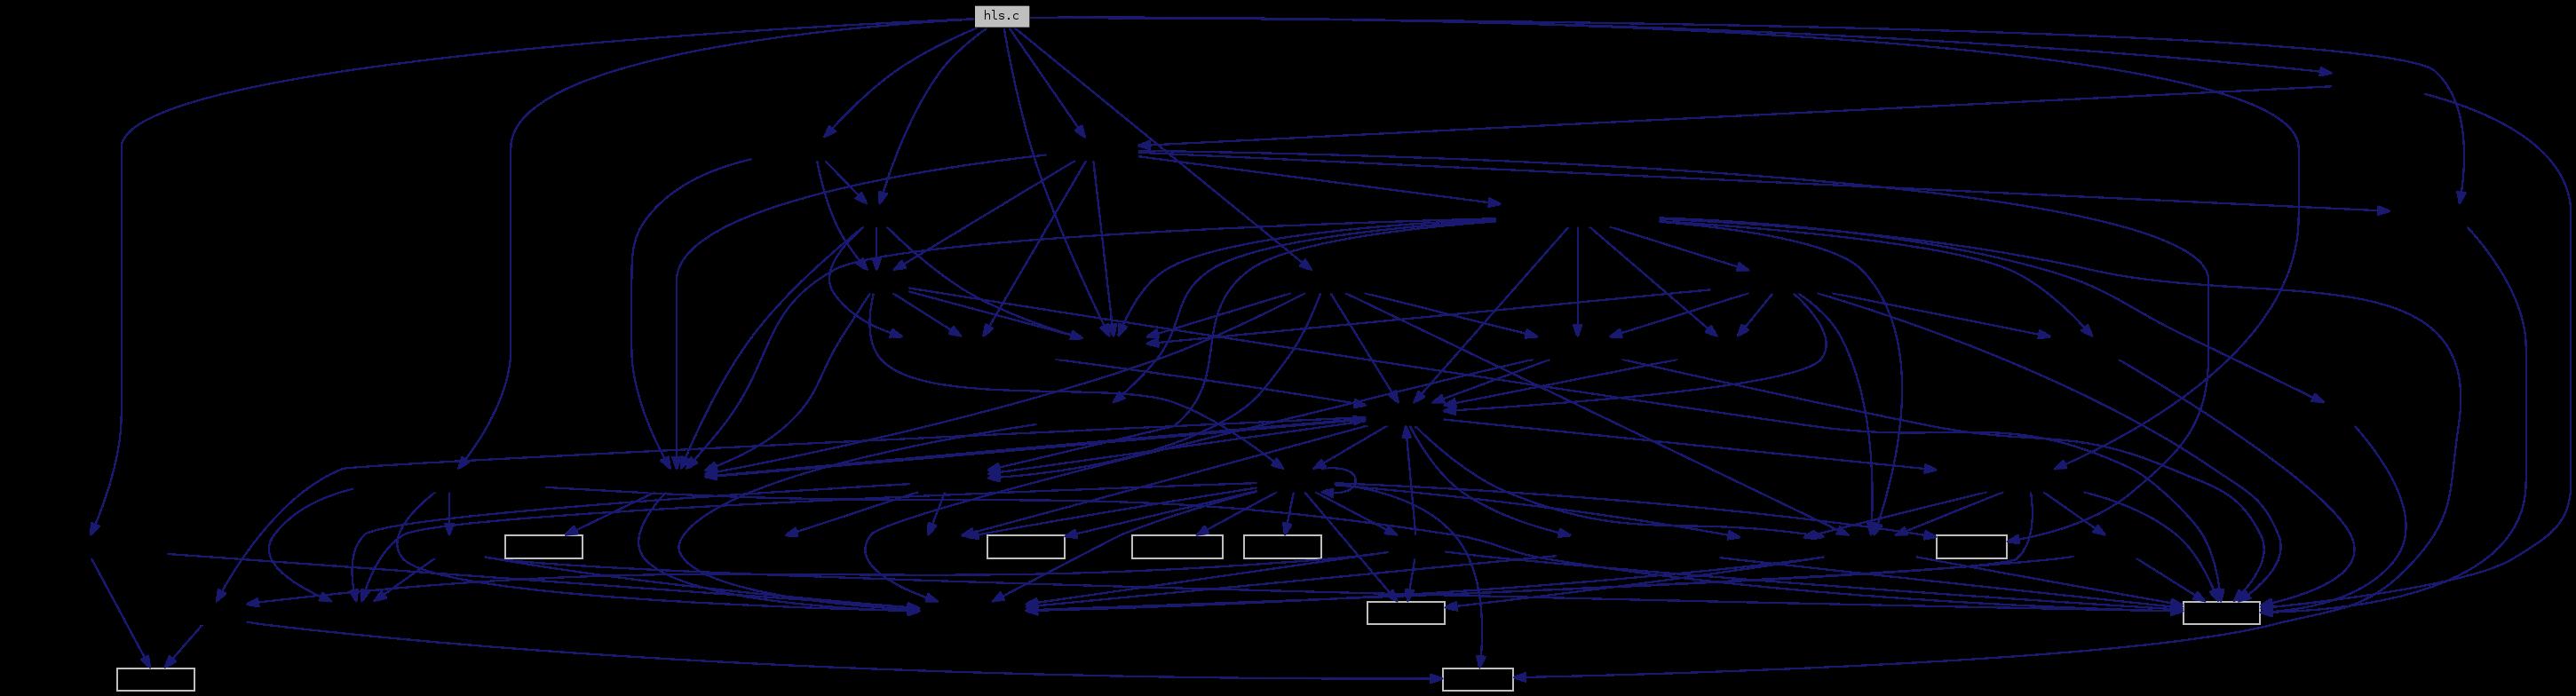 FFmpeg: hls c File Reference - Paris Hackday Code - Sound Software